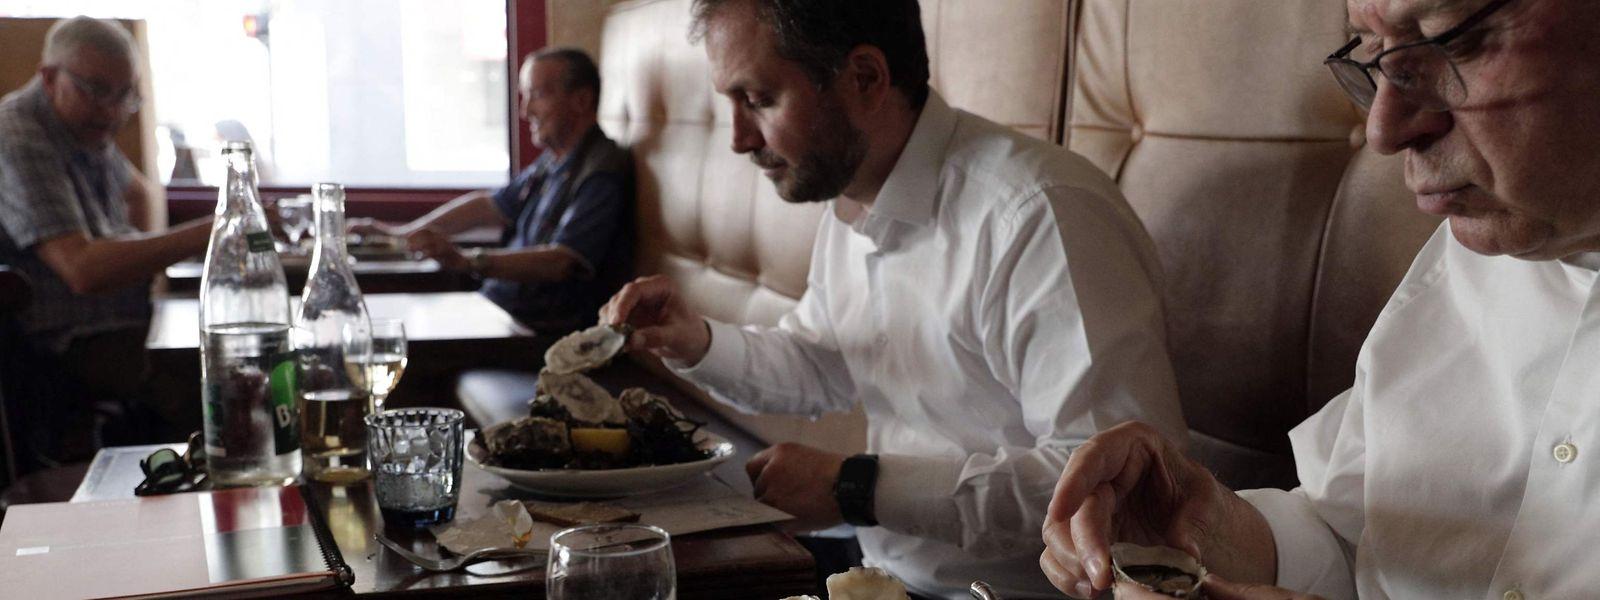 Seit Mittwoch können Restaurants in Frankreich auch wieder innen öffnen.